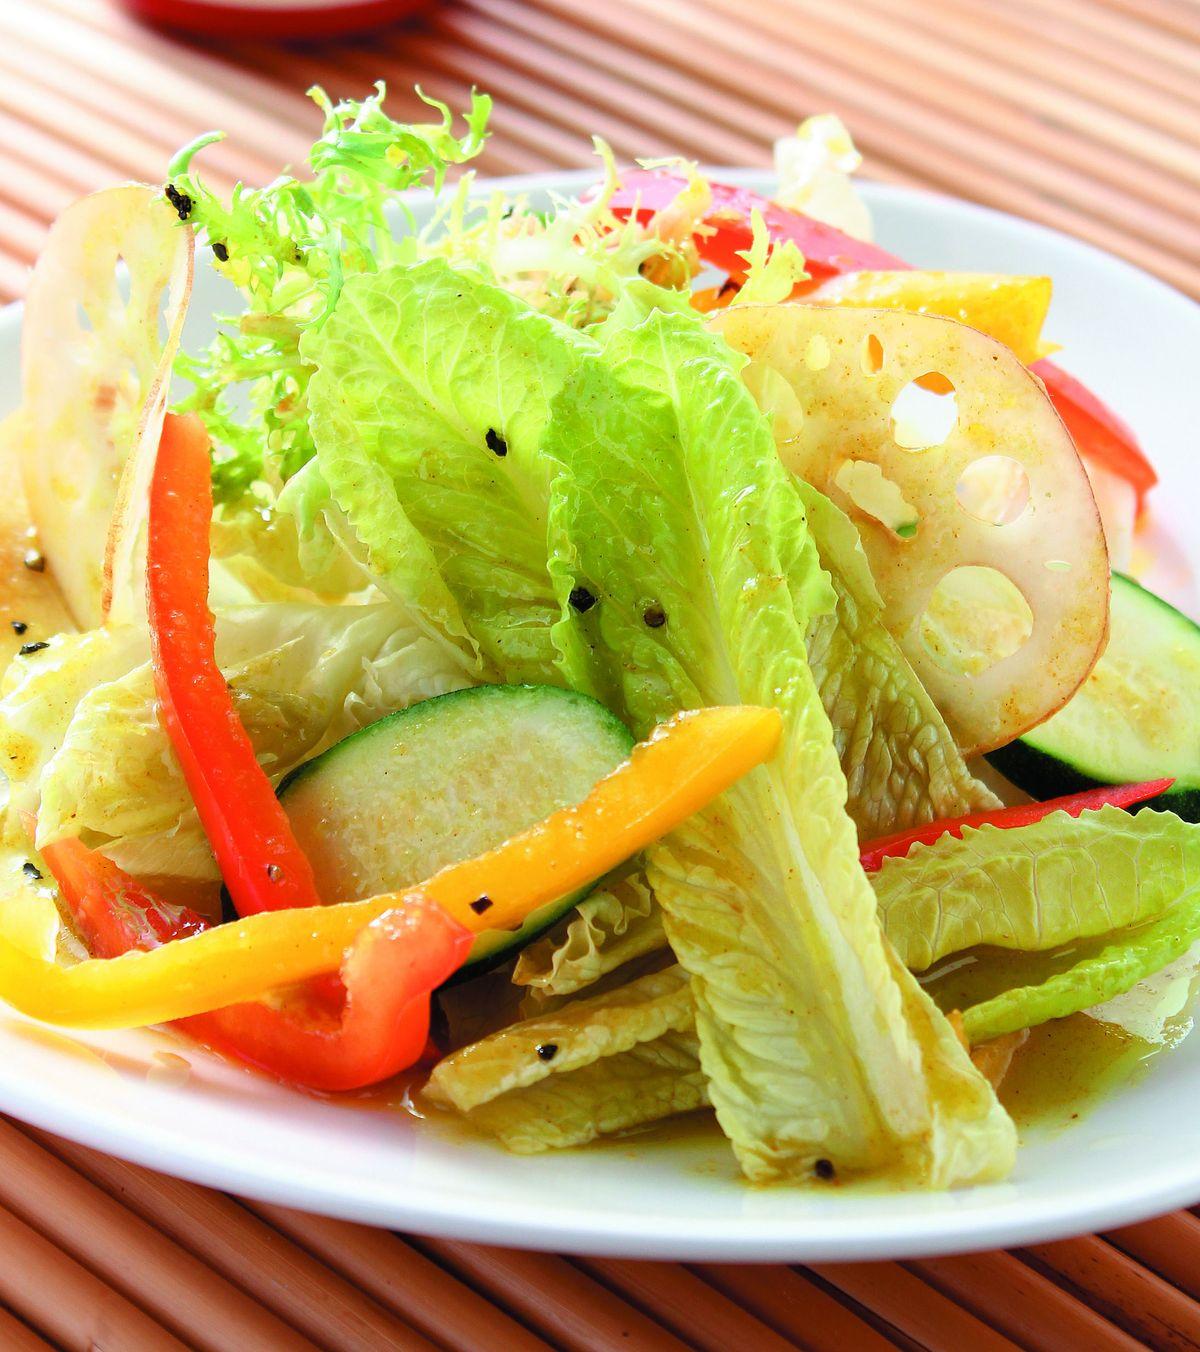 食譜:芥末咖哩鮮蔬沙拉